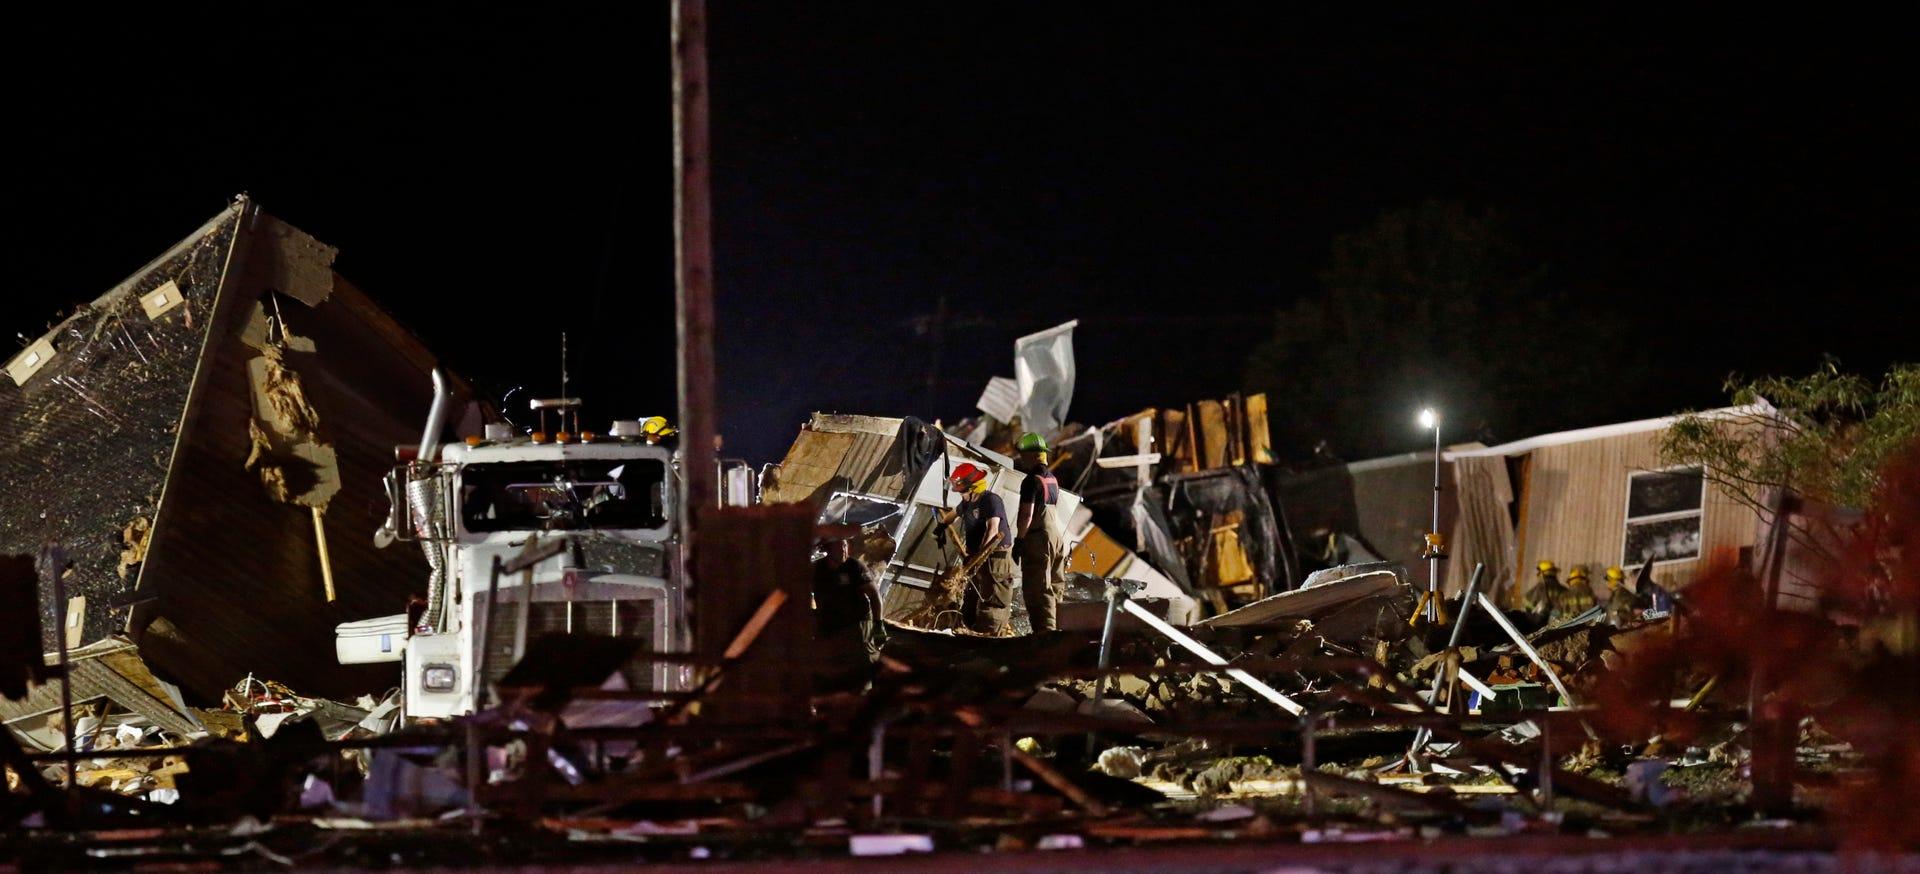 El Reno Oklahoma >> El Reno Oklahoma Tornado Images Of Damage Including